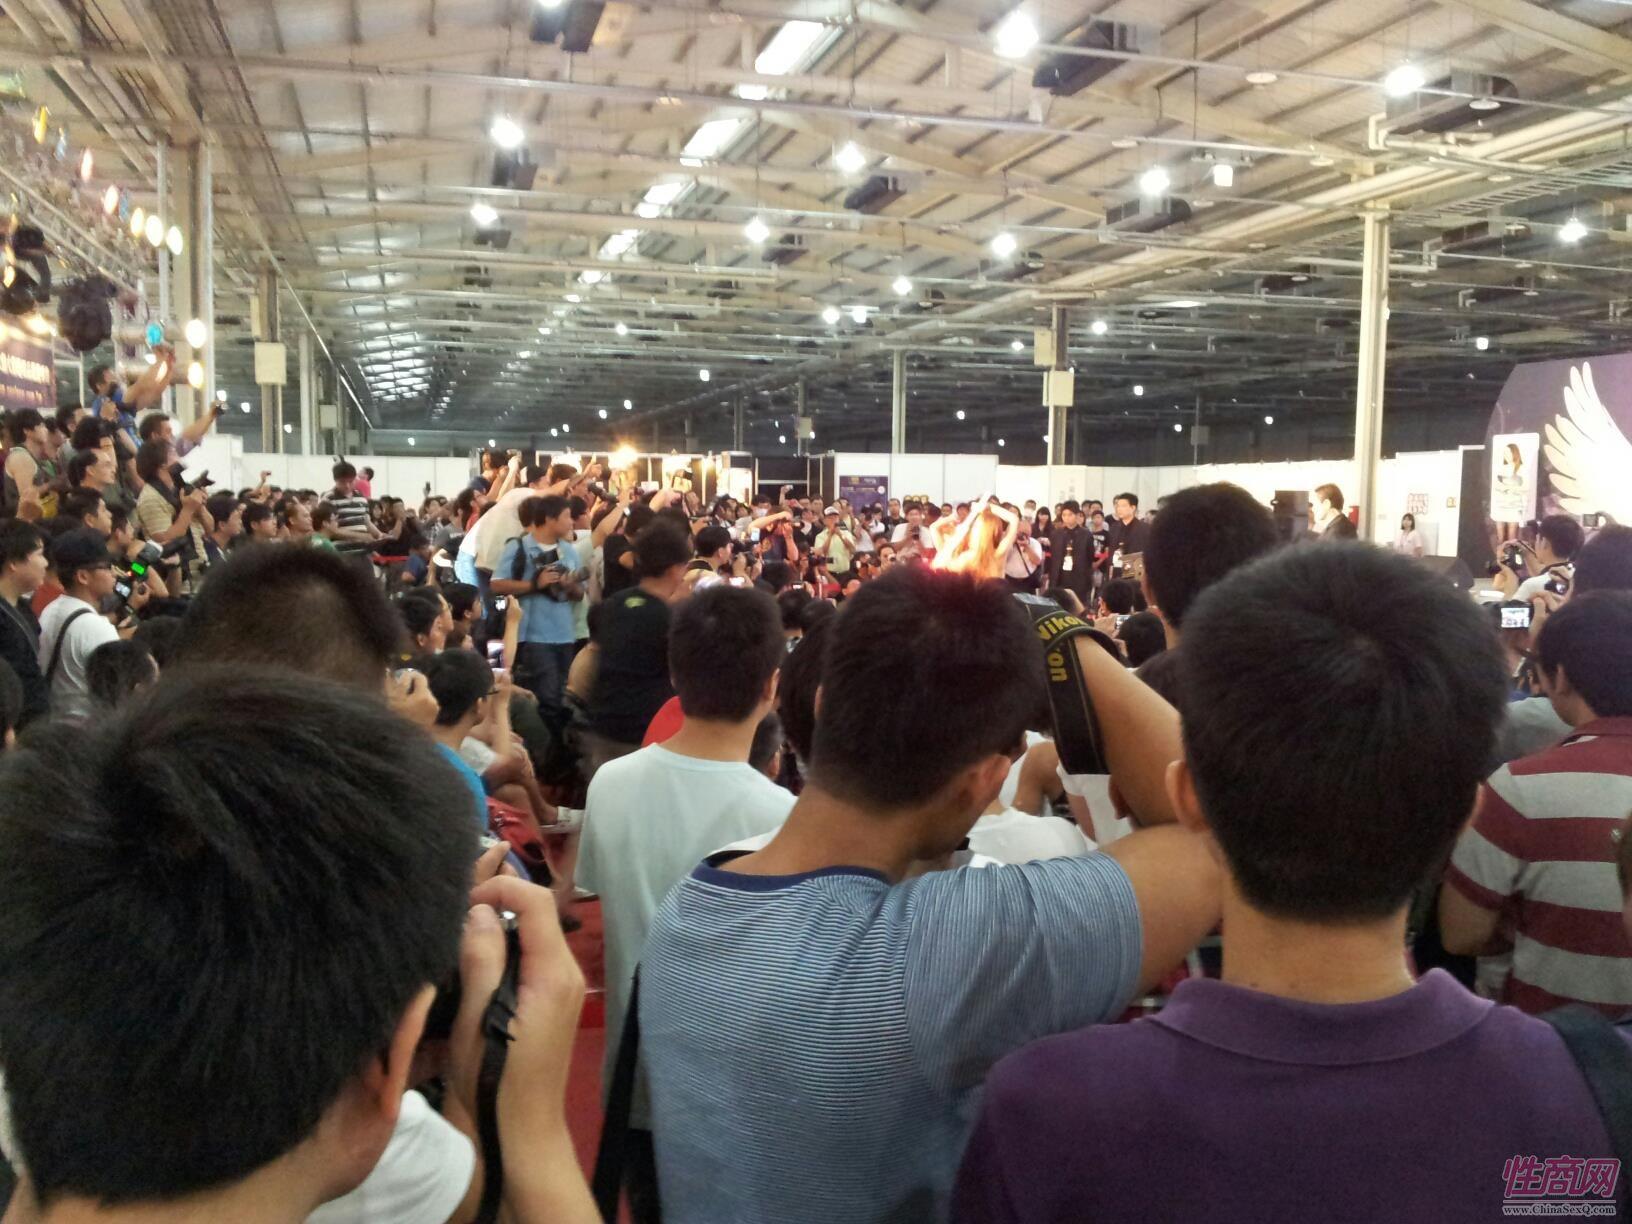 亚洲成人博览进入台湾瞄准宝岛性用品市场图片17